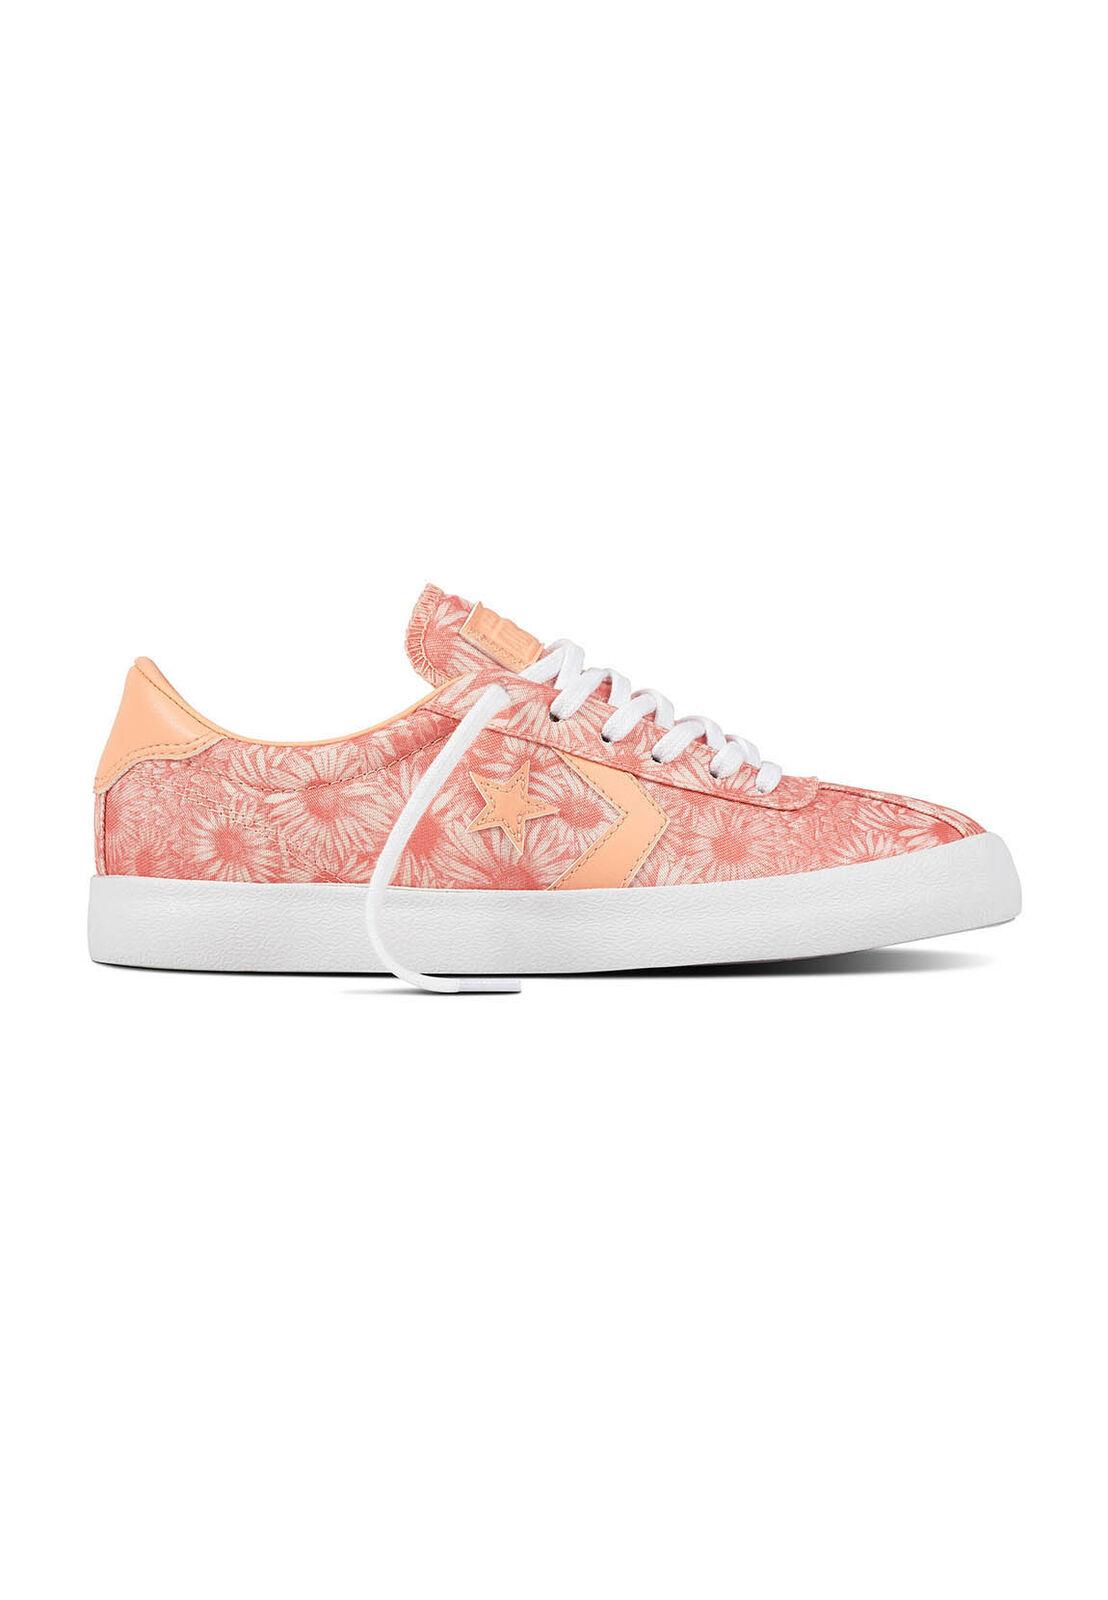 Converse scarpe da ginnastica Punto di interruzione OX 159775c Corallo | Materiali Accuratamente Selezionati  | Scolaro/Signora Scarpa